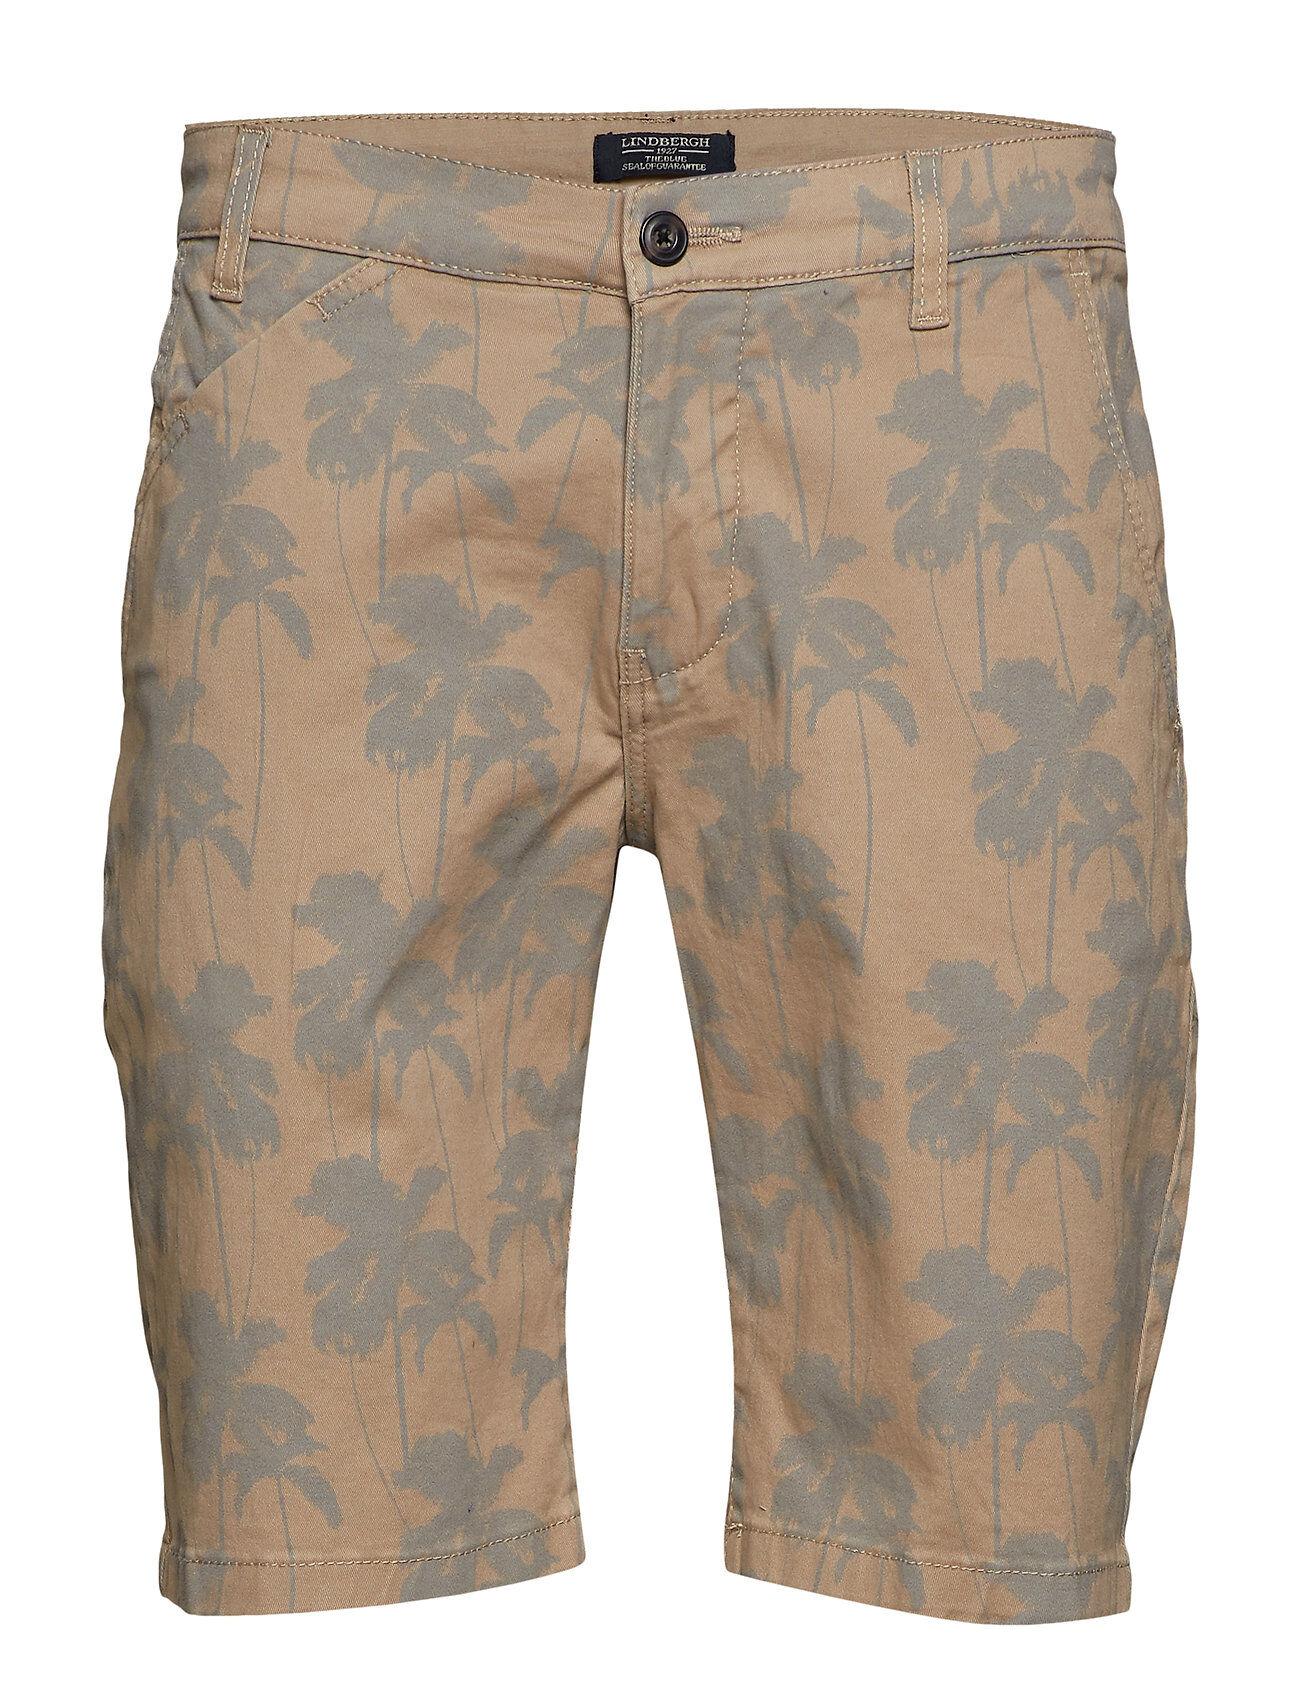 Lindbergh Printed Chino Shorts